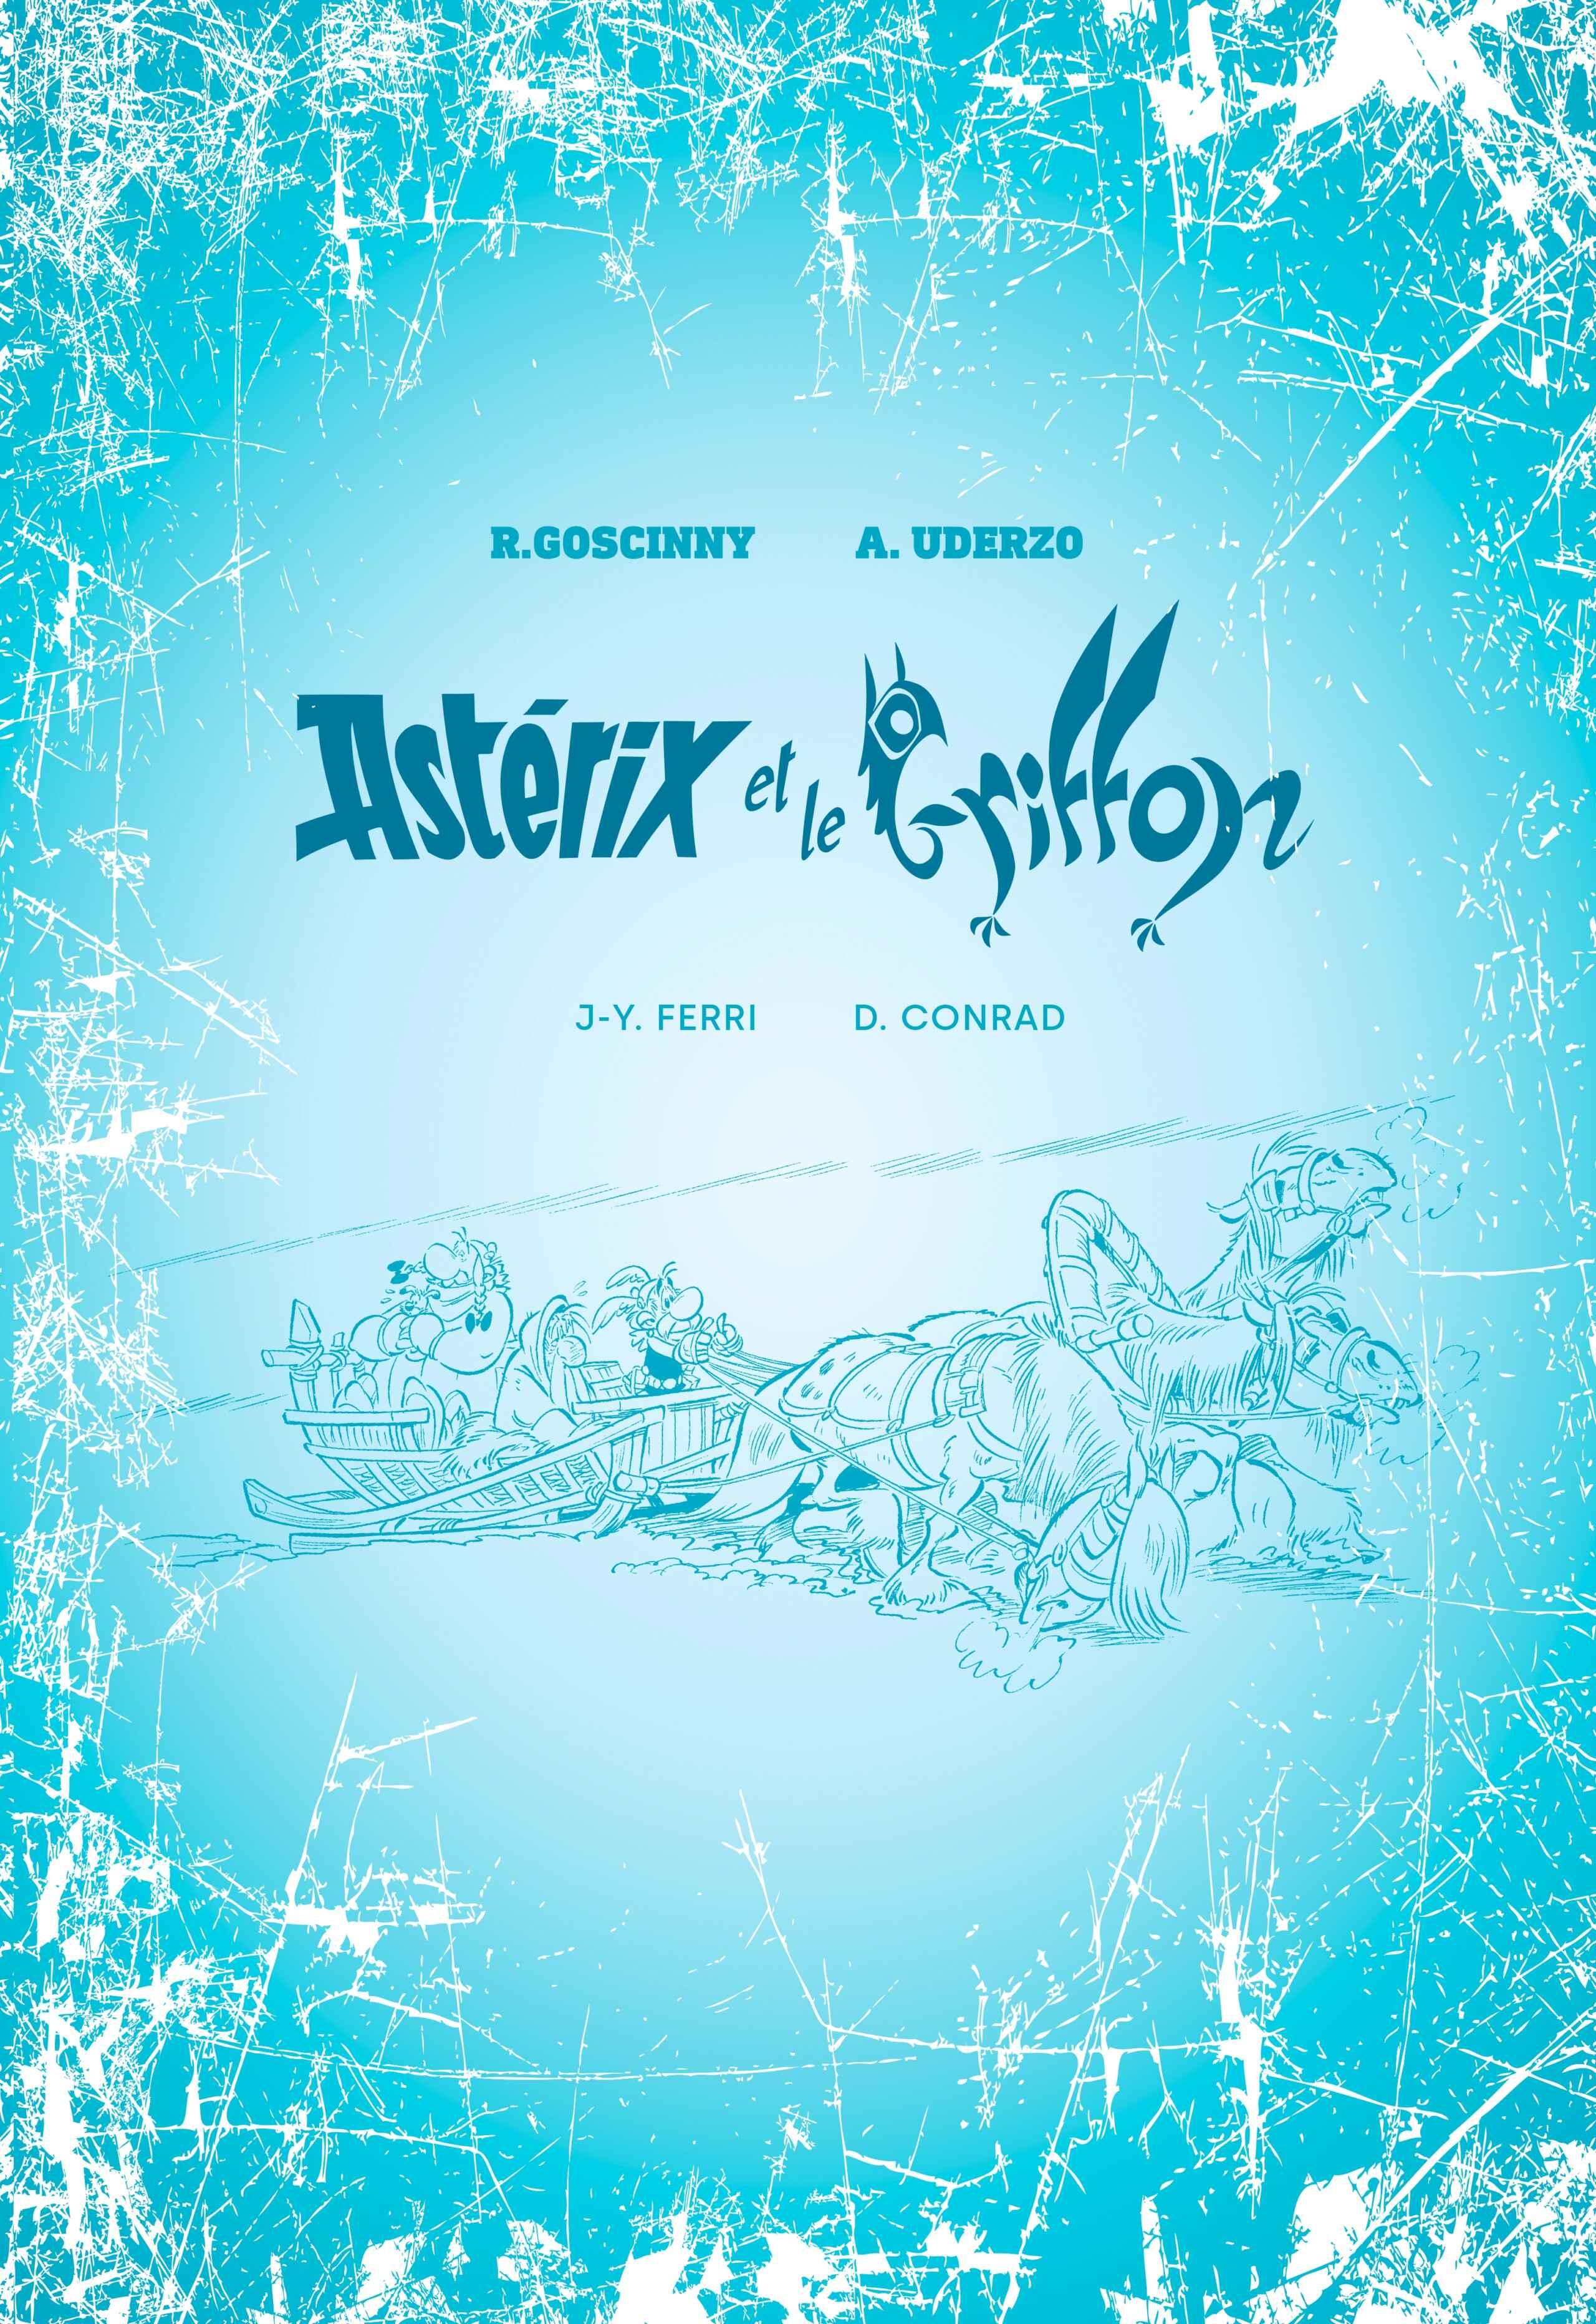 """Version luxe et Artbook de l'album """"Astérix et le Griffon"""" octobre 2021 Astzor11"""